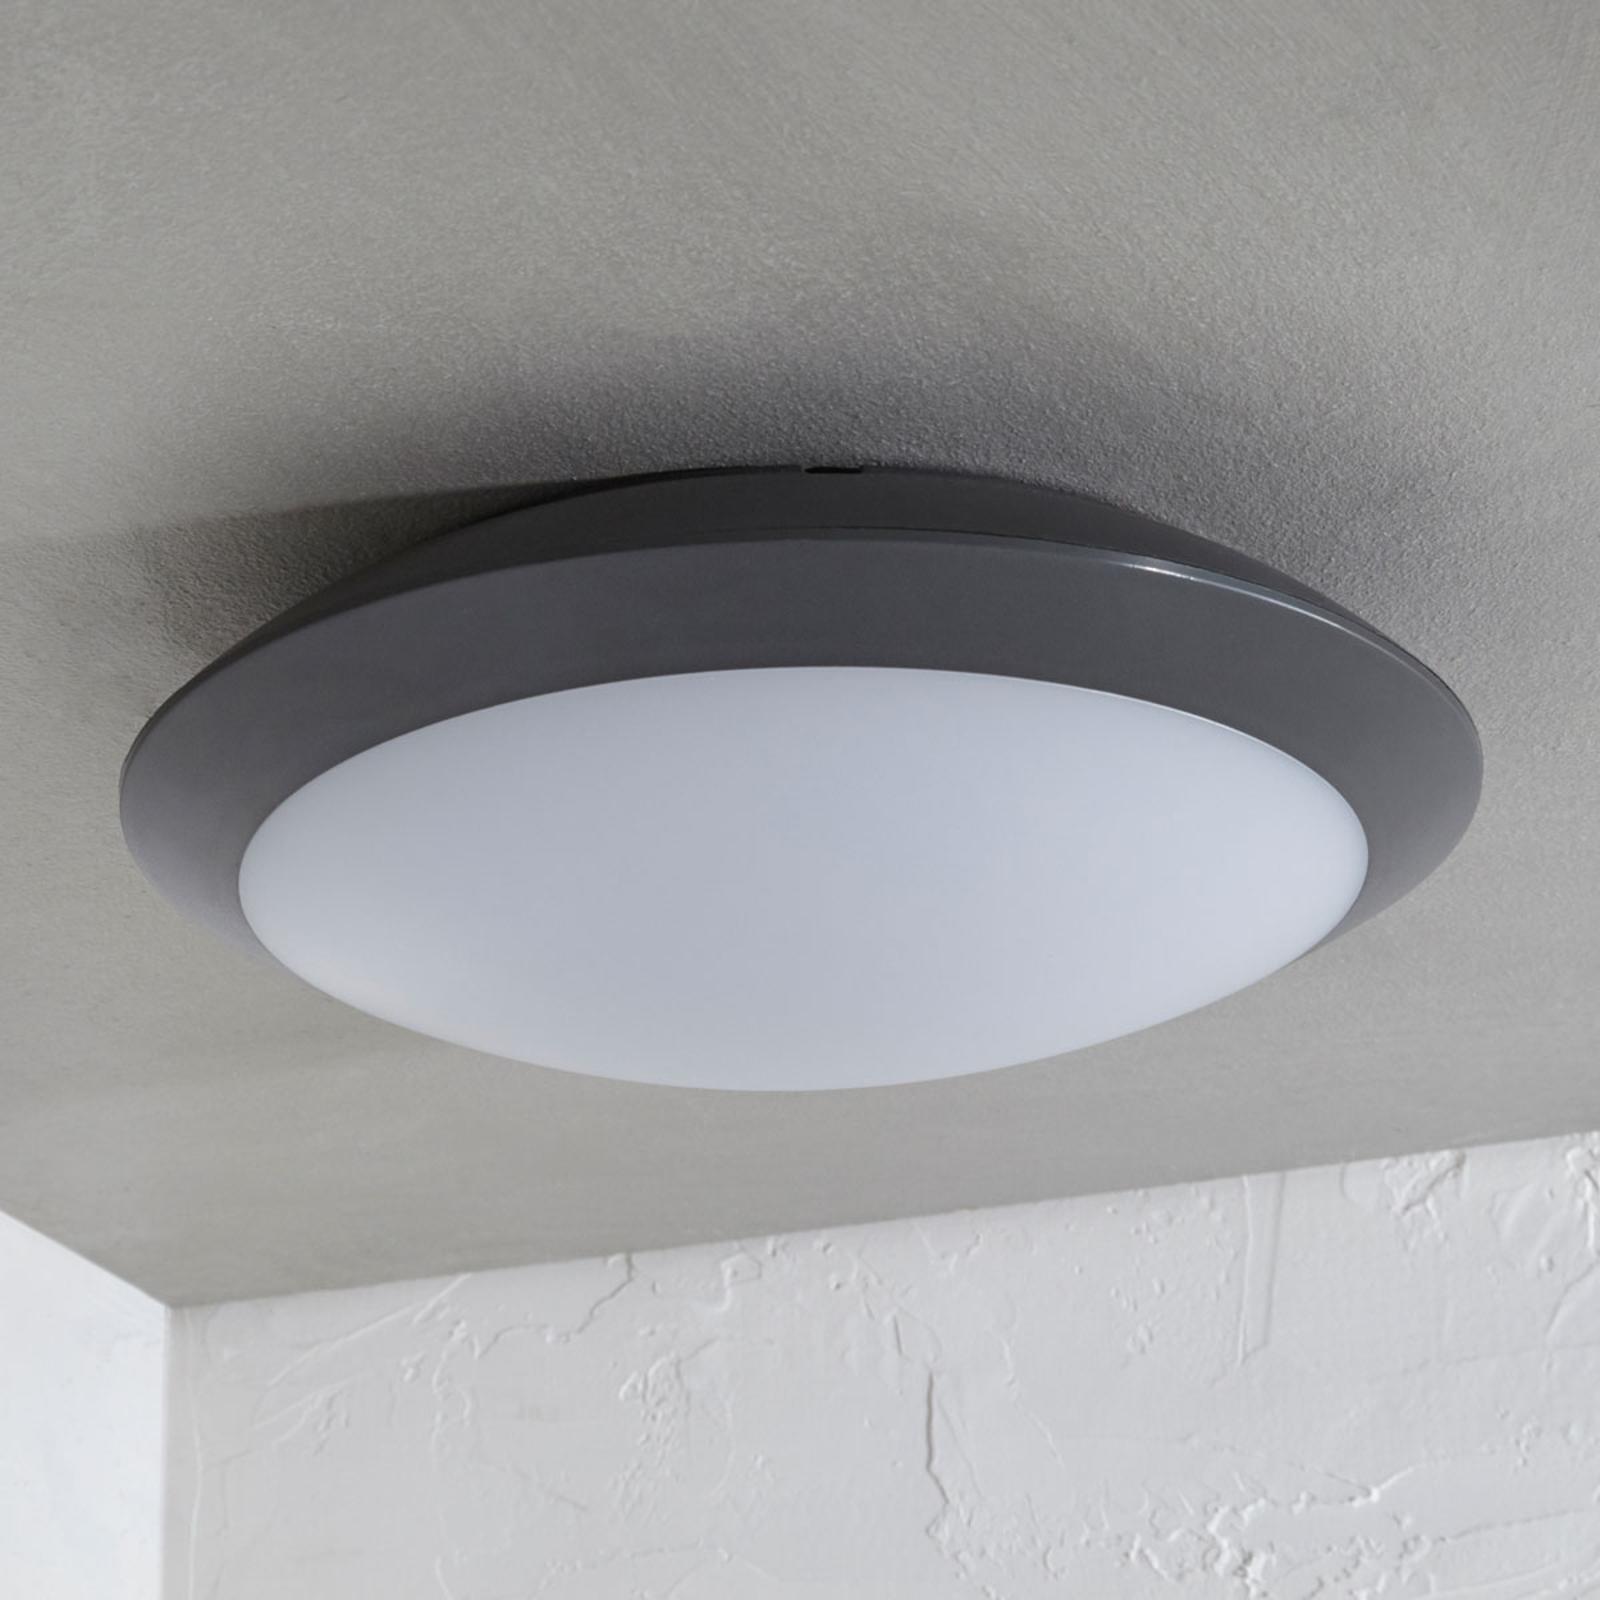 Plafonnier extérieur LED Naira, gris, avec capteur